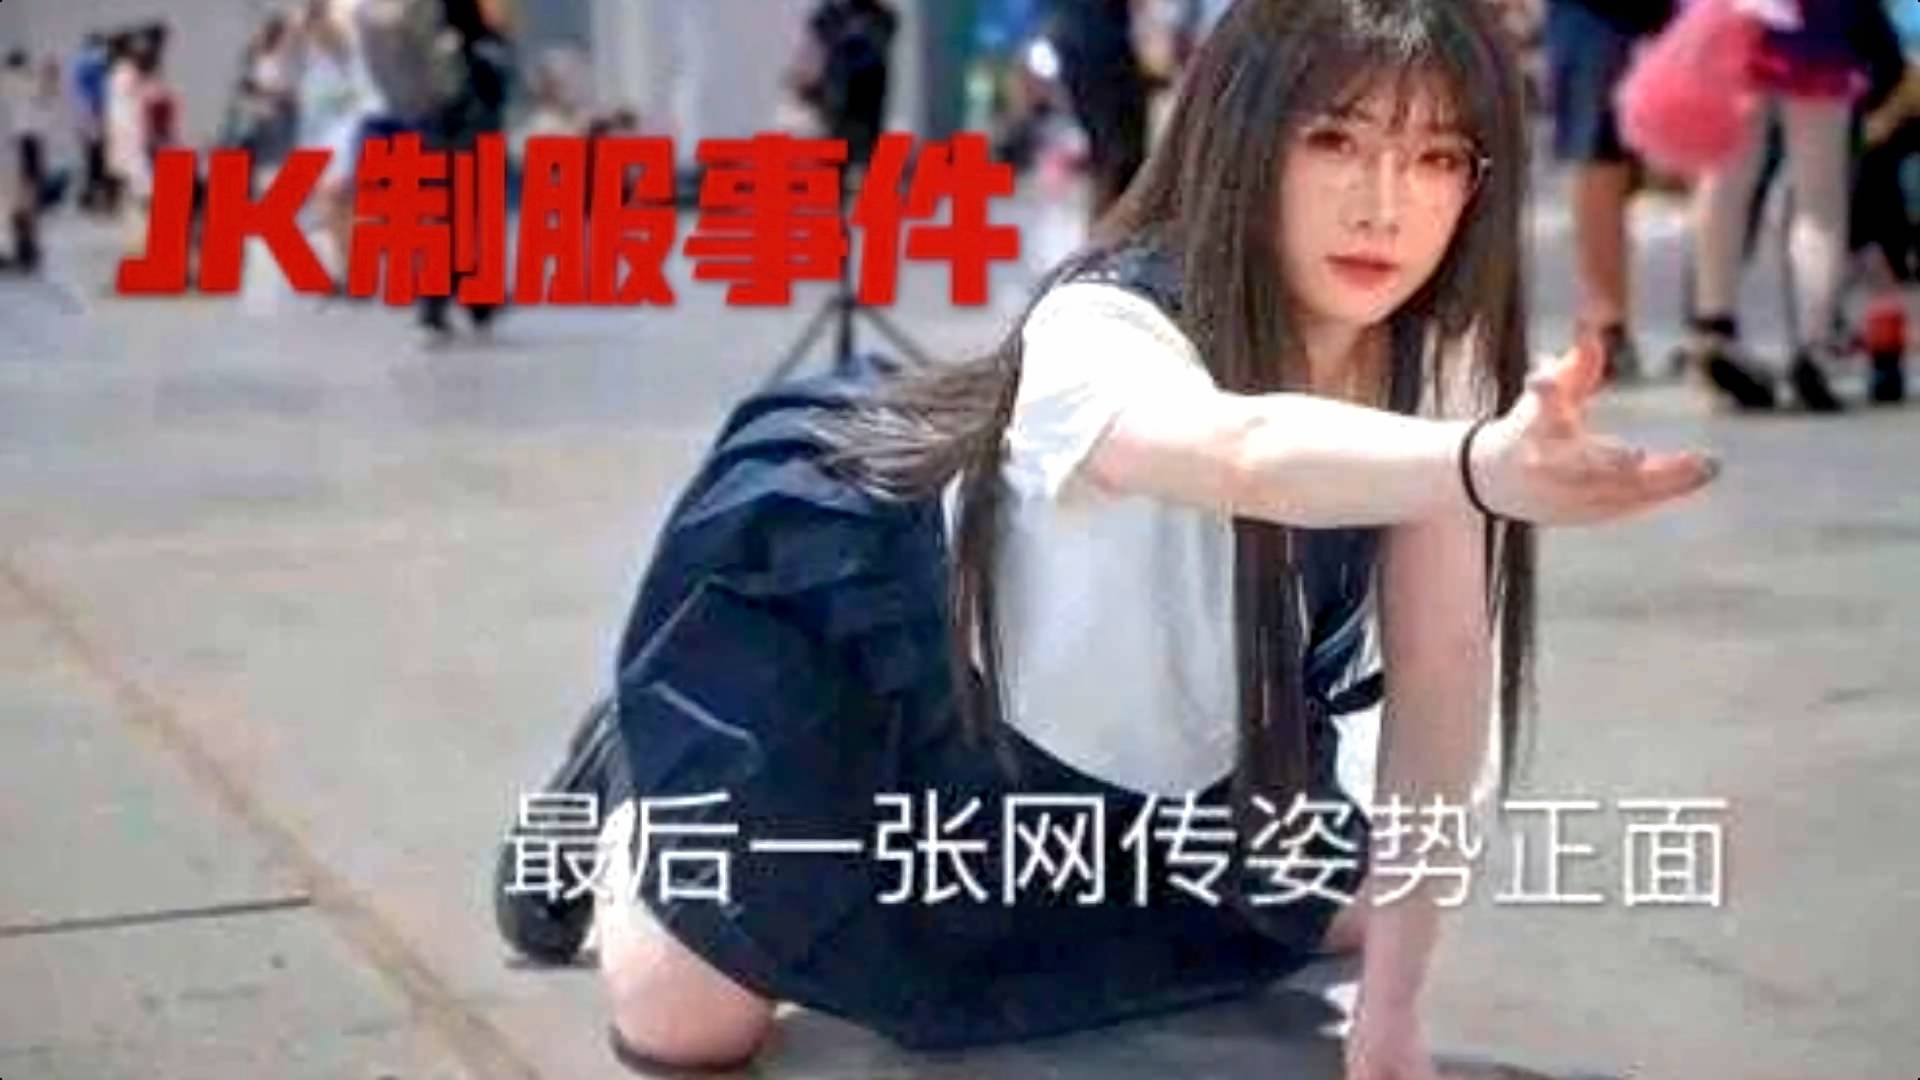 网红美女漫展穿JK制服,现场摆不雅姿势,回应穿了安全裤